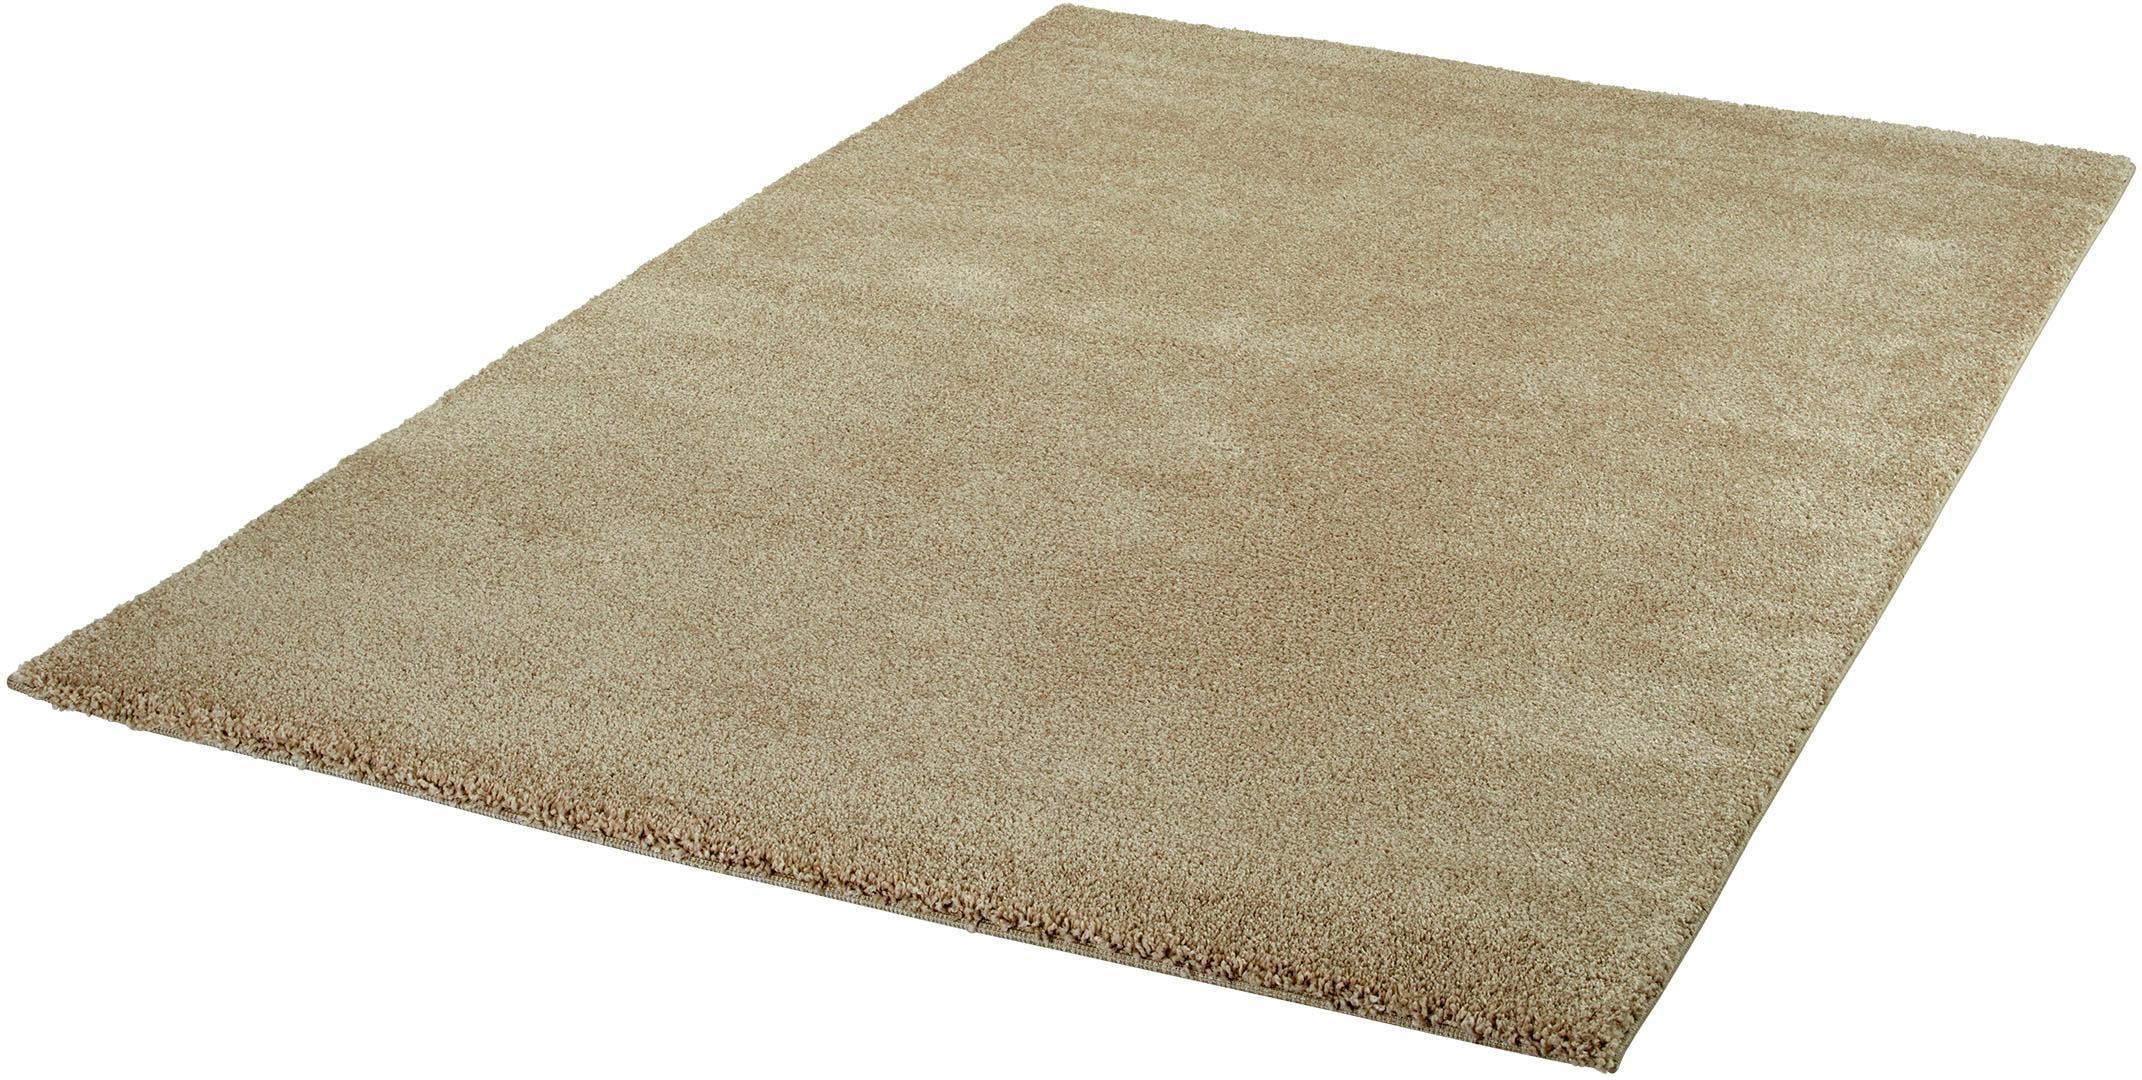 Teppich My Soho 840 Obsession rechteckig Höhe 25 mm maschinell gewebt